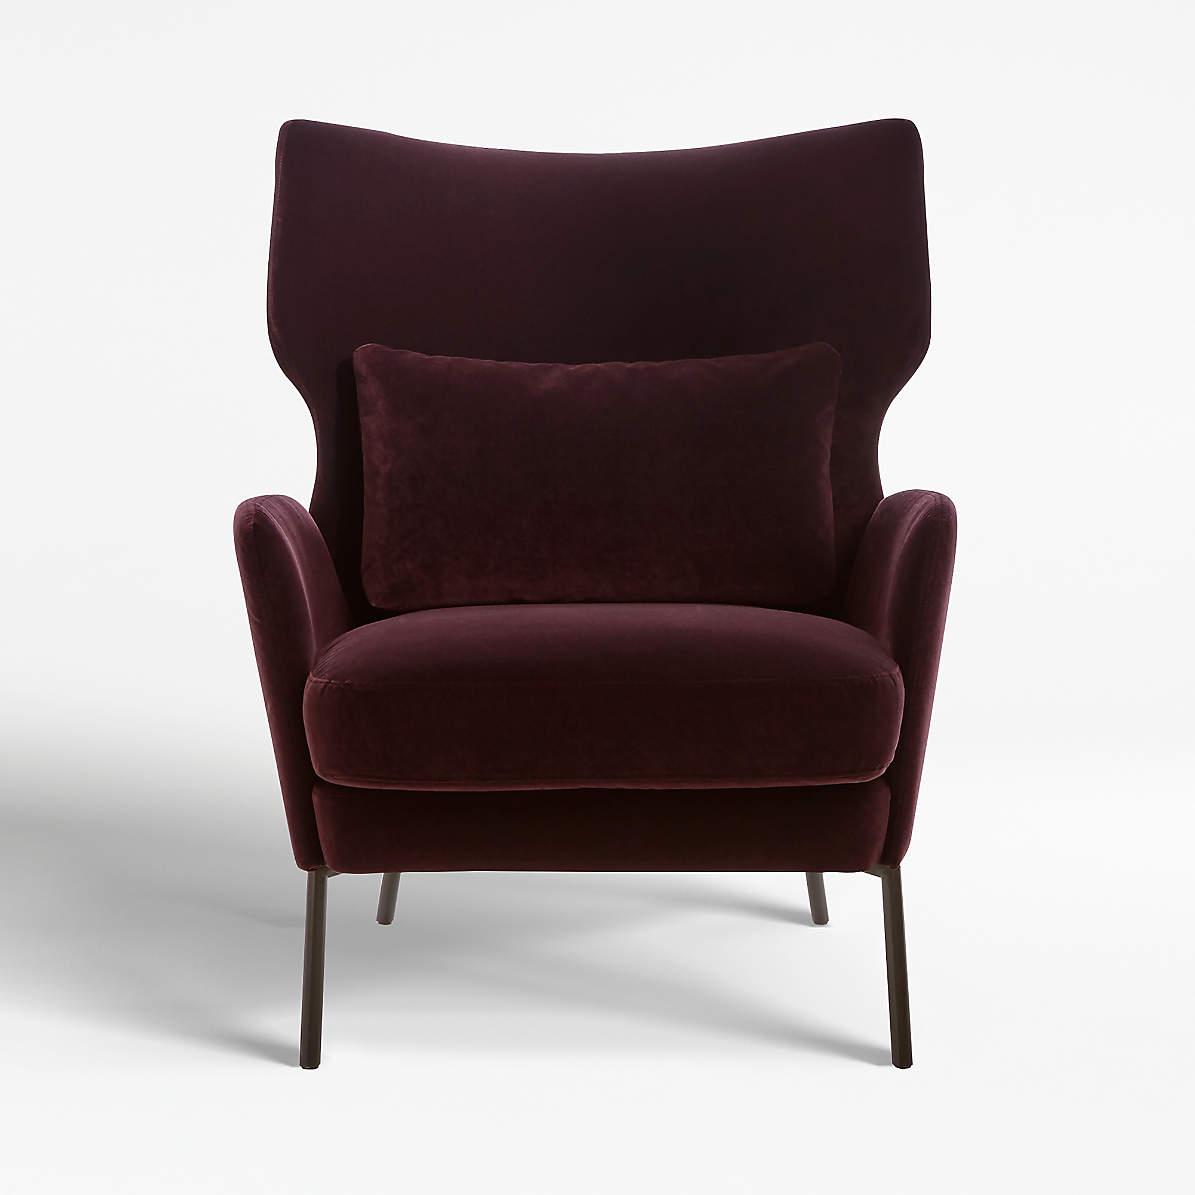 Alex Bordeaux Velvet Accent Chair Reviews Crate And Barrel